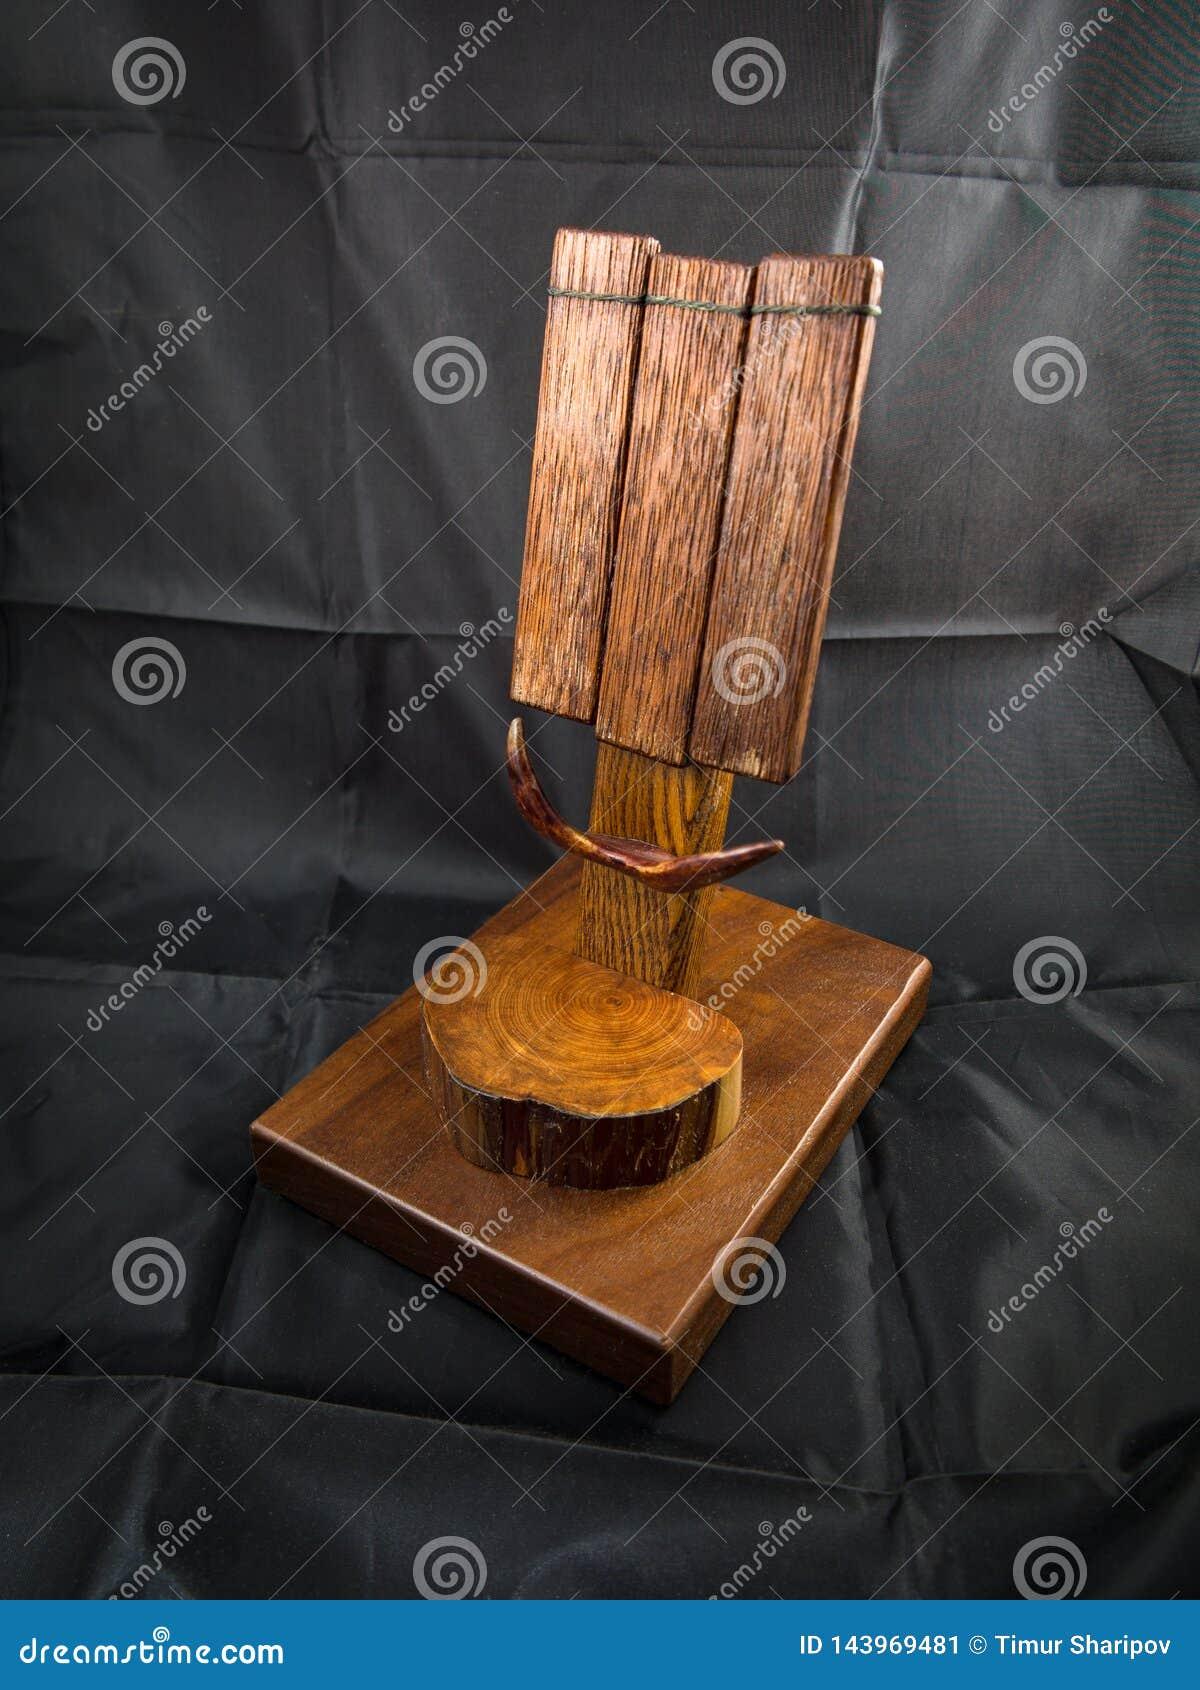 Ξύλινος σταθμός αποβαθρών ή μια στάση για το κυψελοειδές κινητό τηλέφωνο